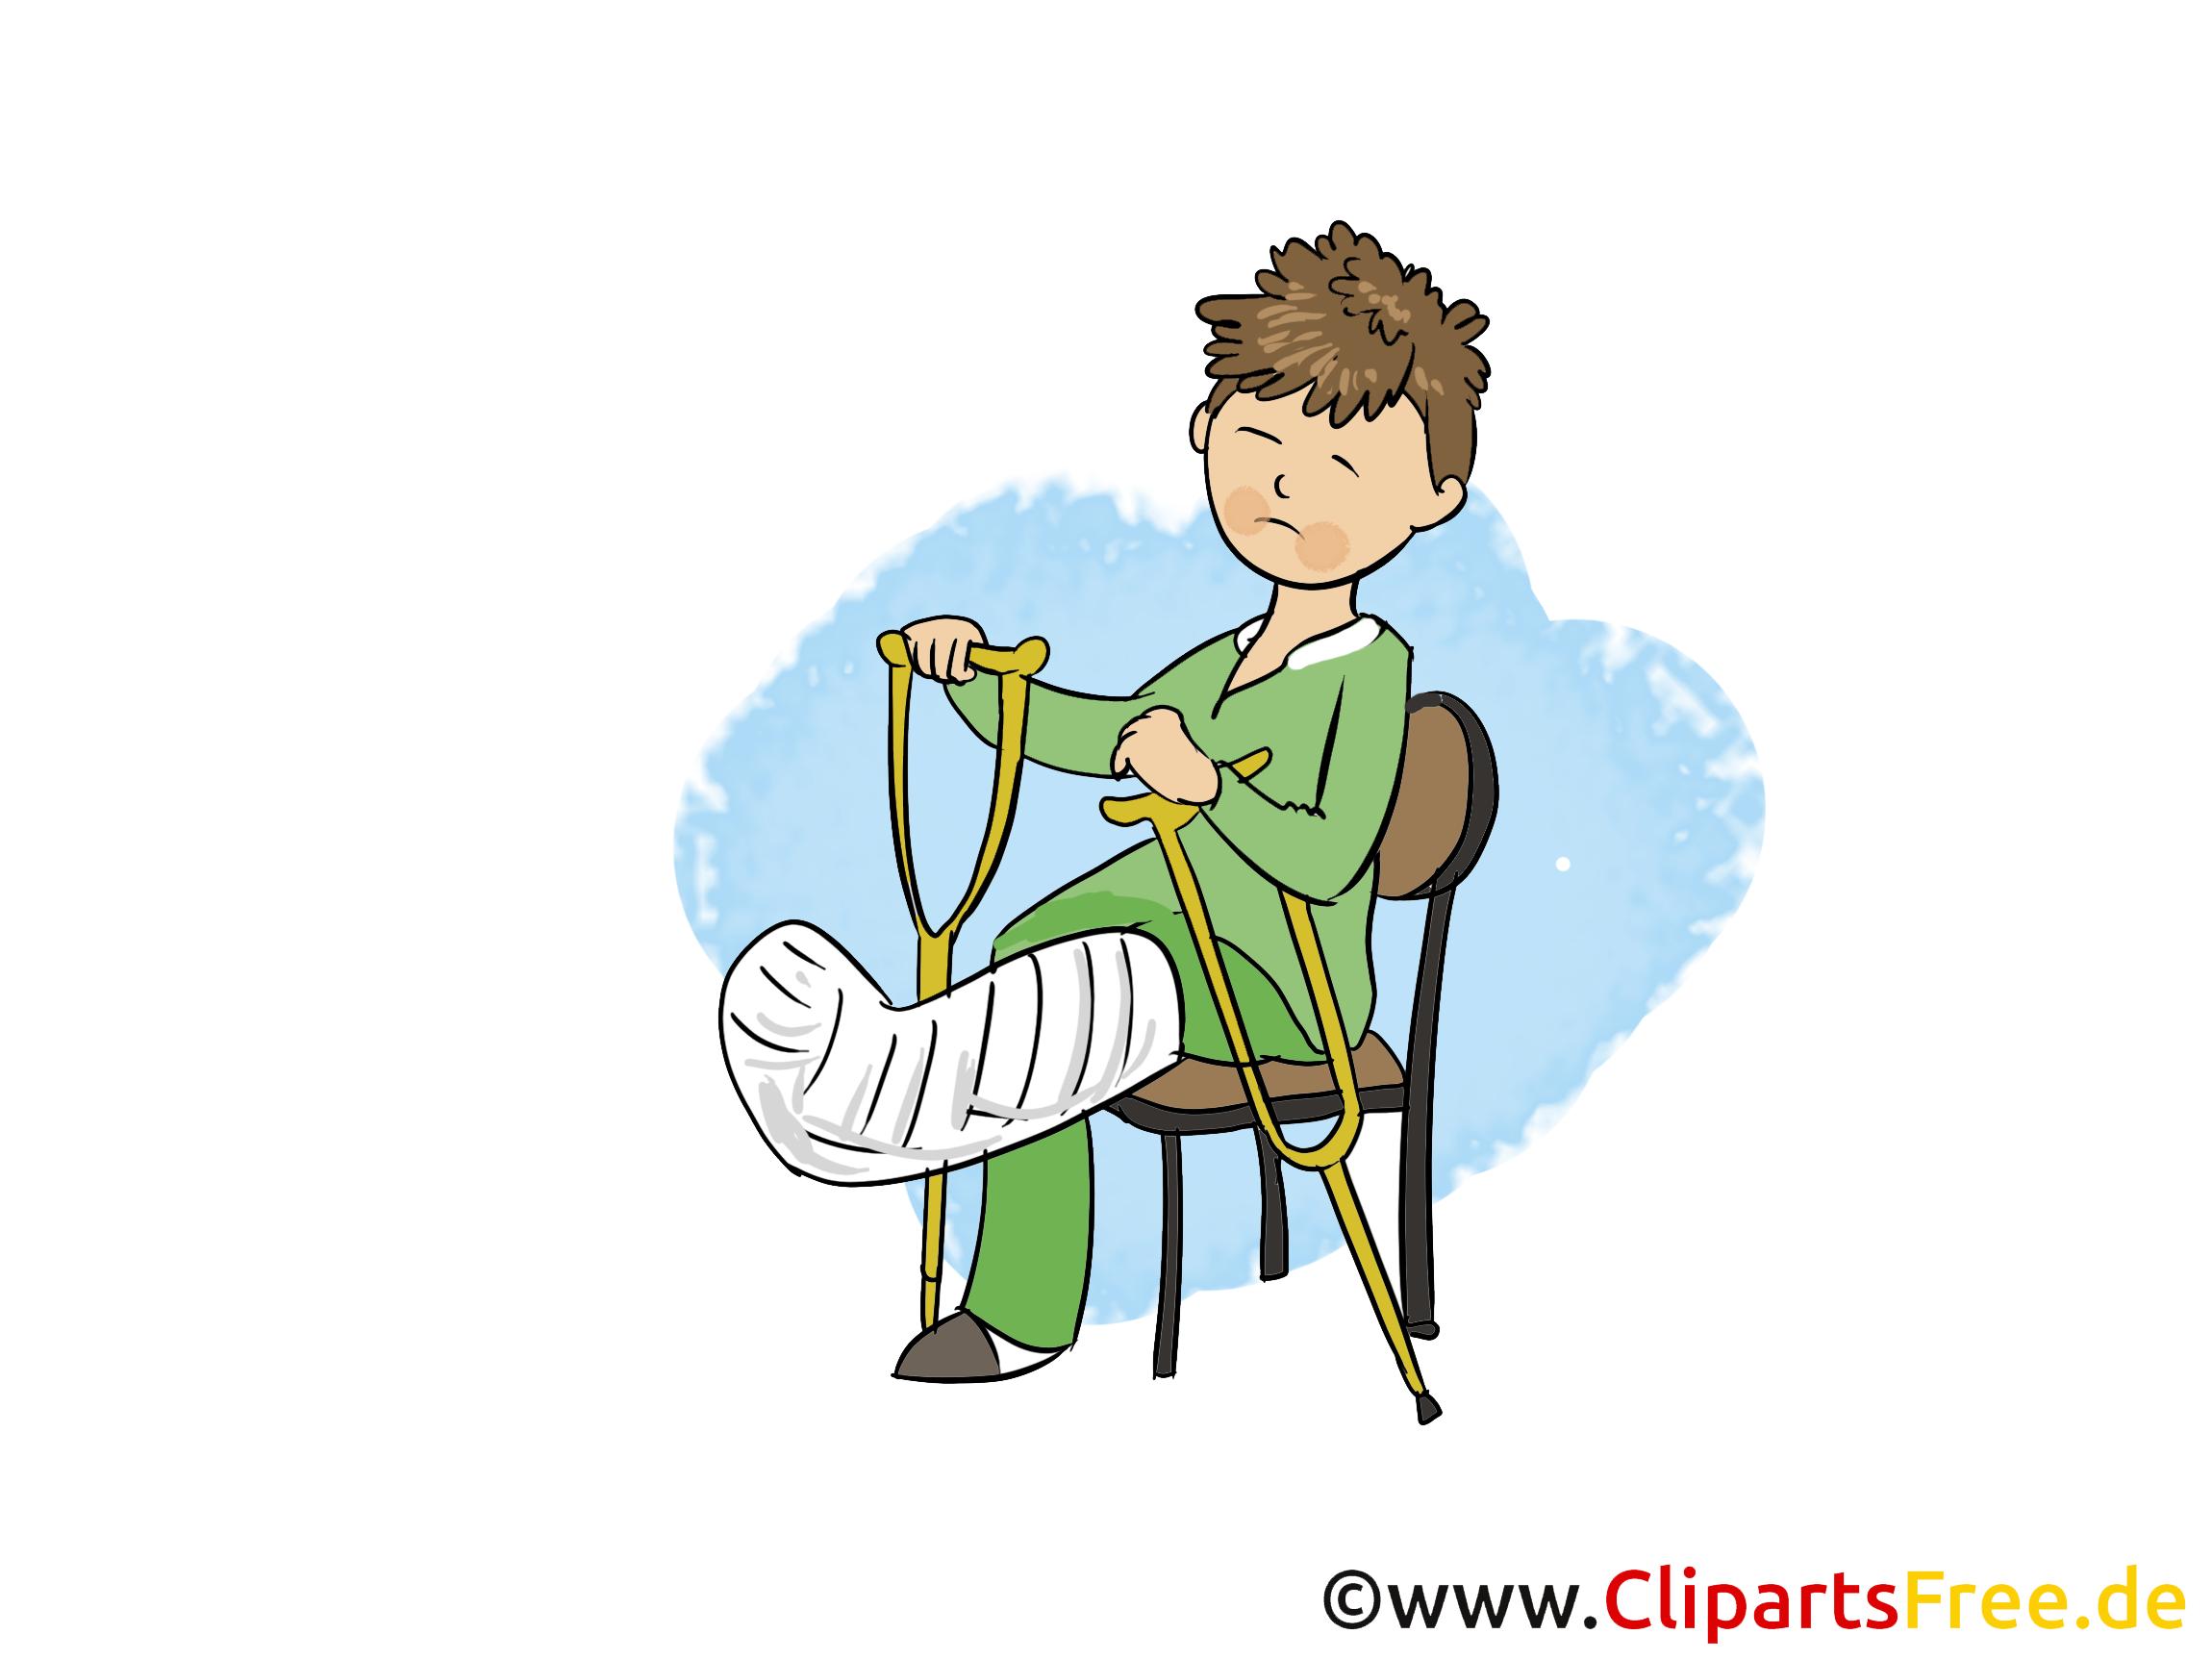 Junge mit gebrochemen Bein im Krankenhaus Clipart, Bild